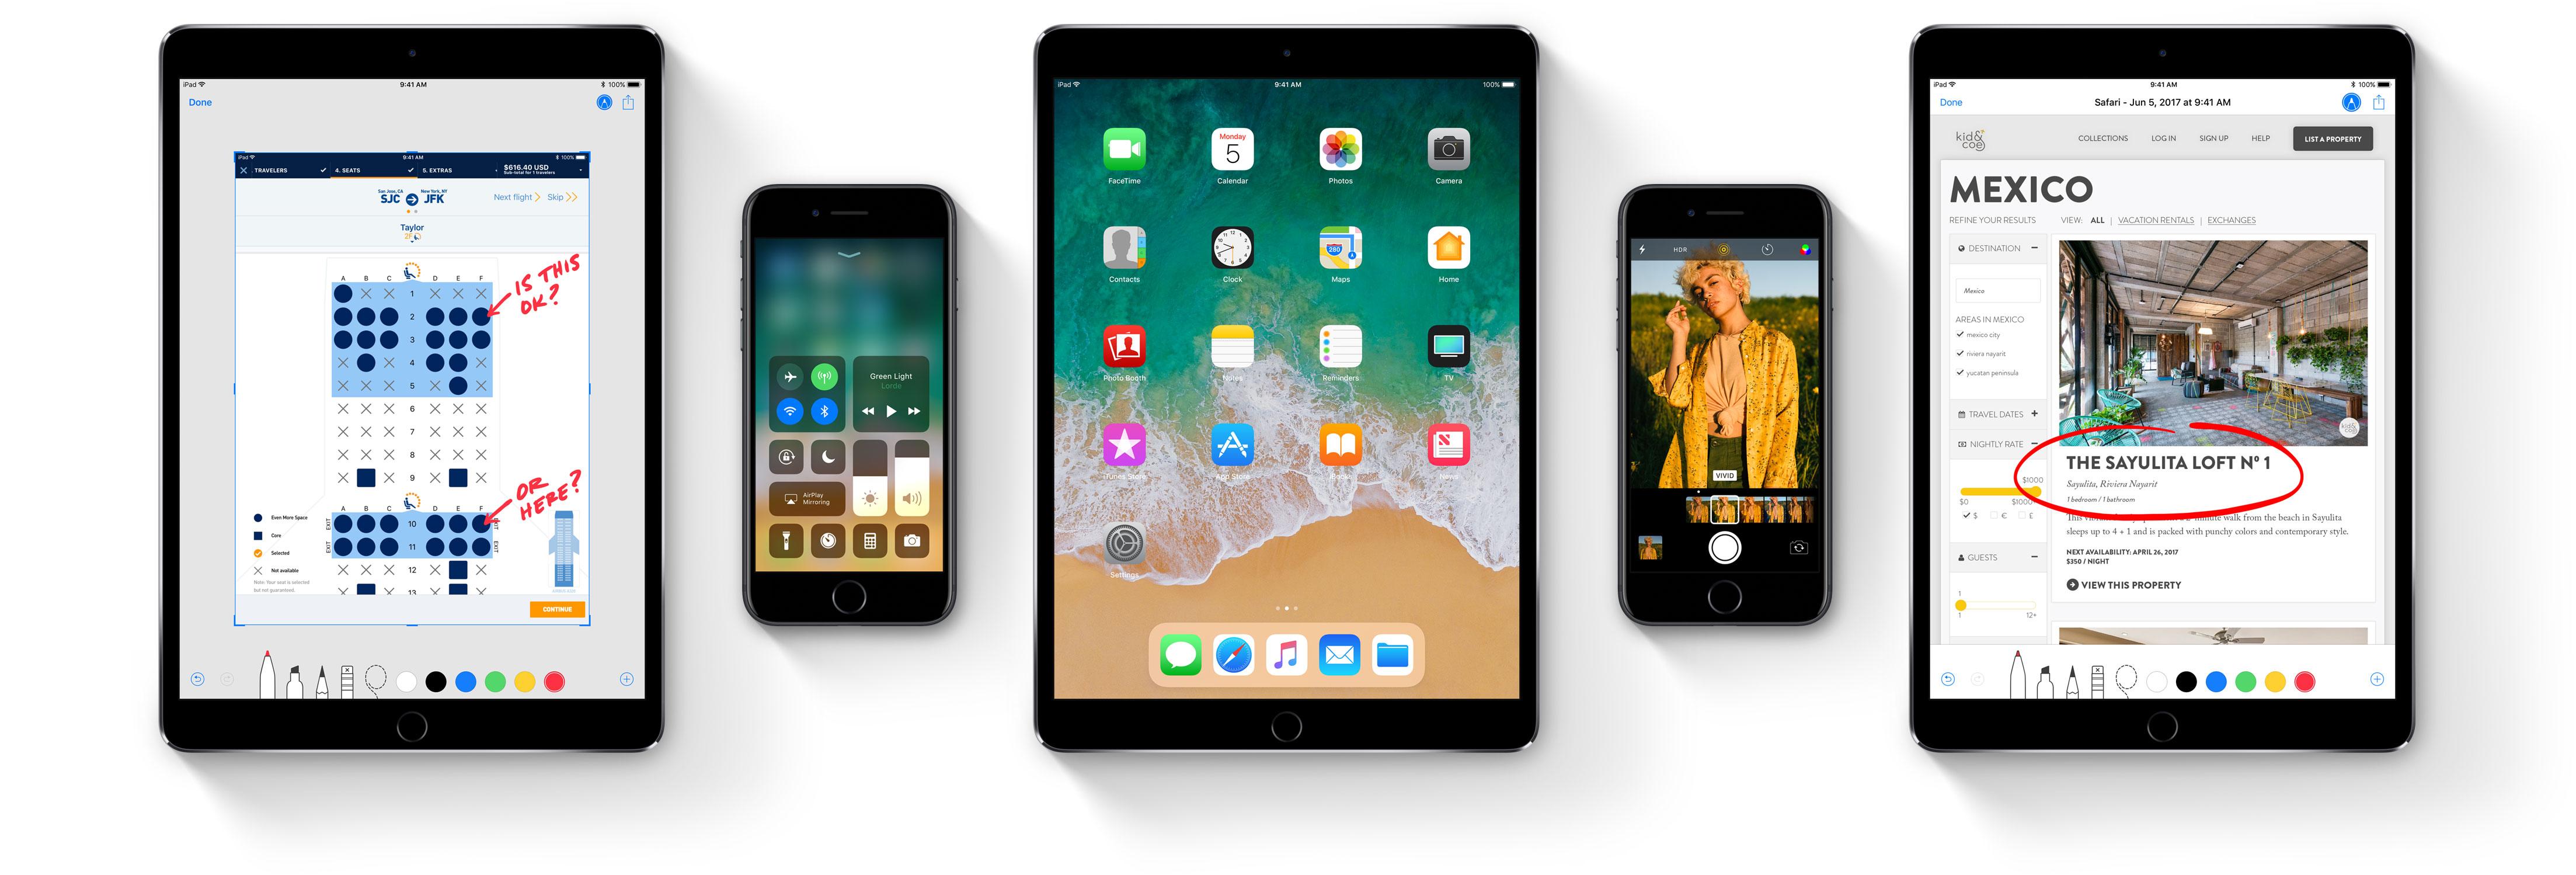 اپل ممکن است تا به استفاده از قطعات کوالکام در آیفونها و آیپدهای 2018 پایان دهد